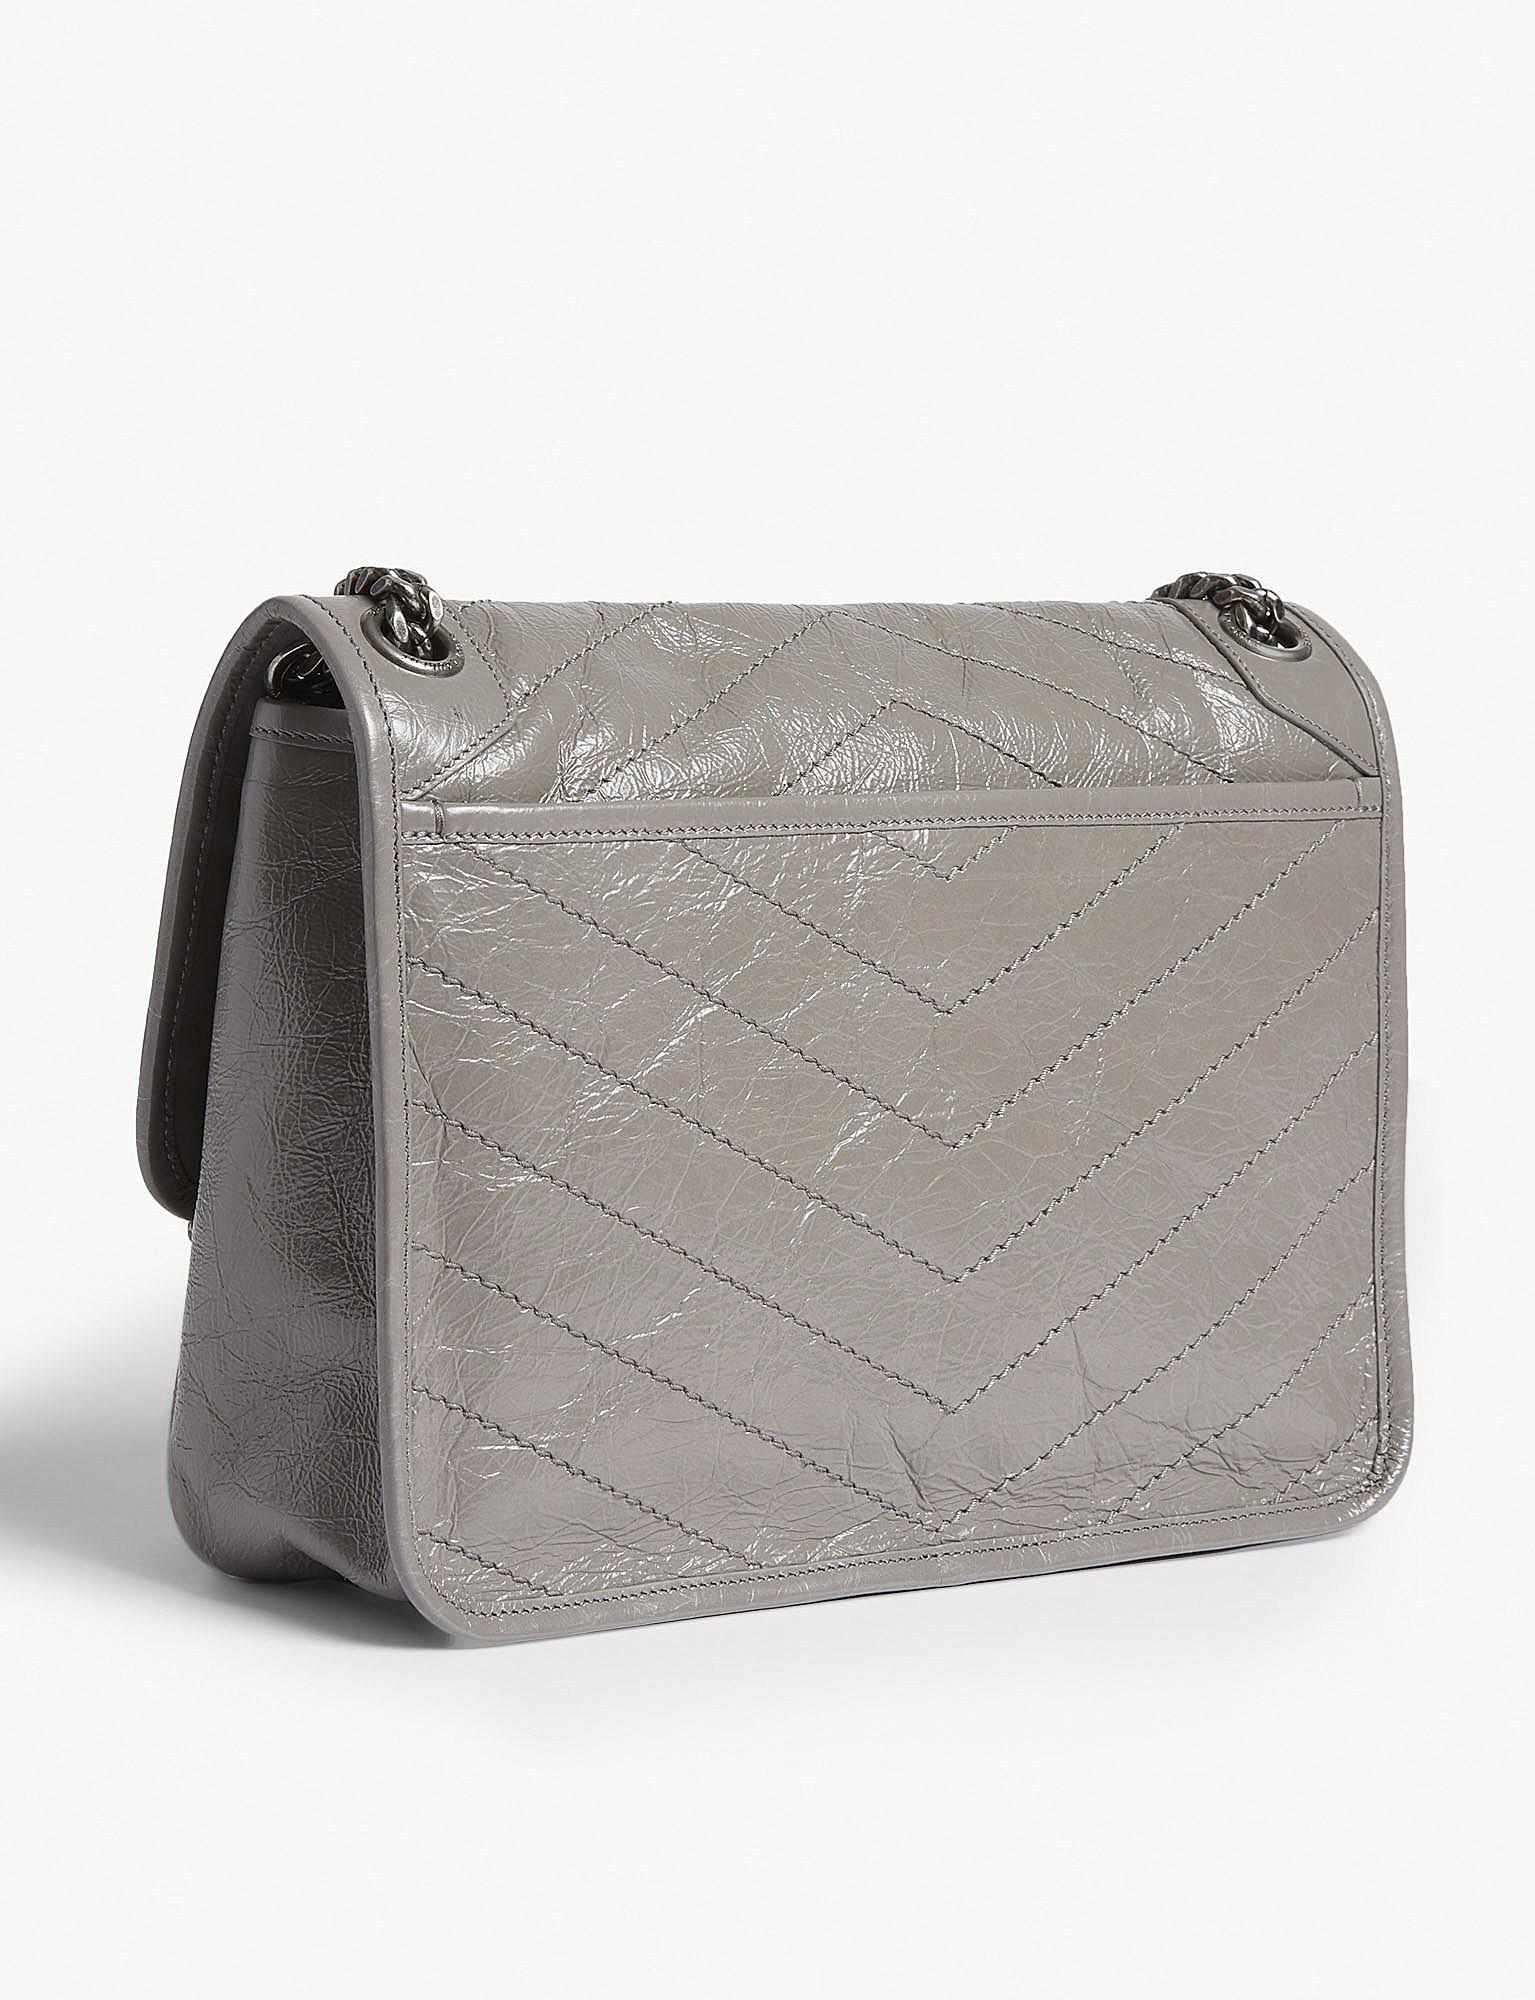 a382b9cec73 ... Monogram Niki medium leather shoulder bag - Fogvintage lthr zoom ...